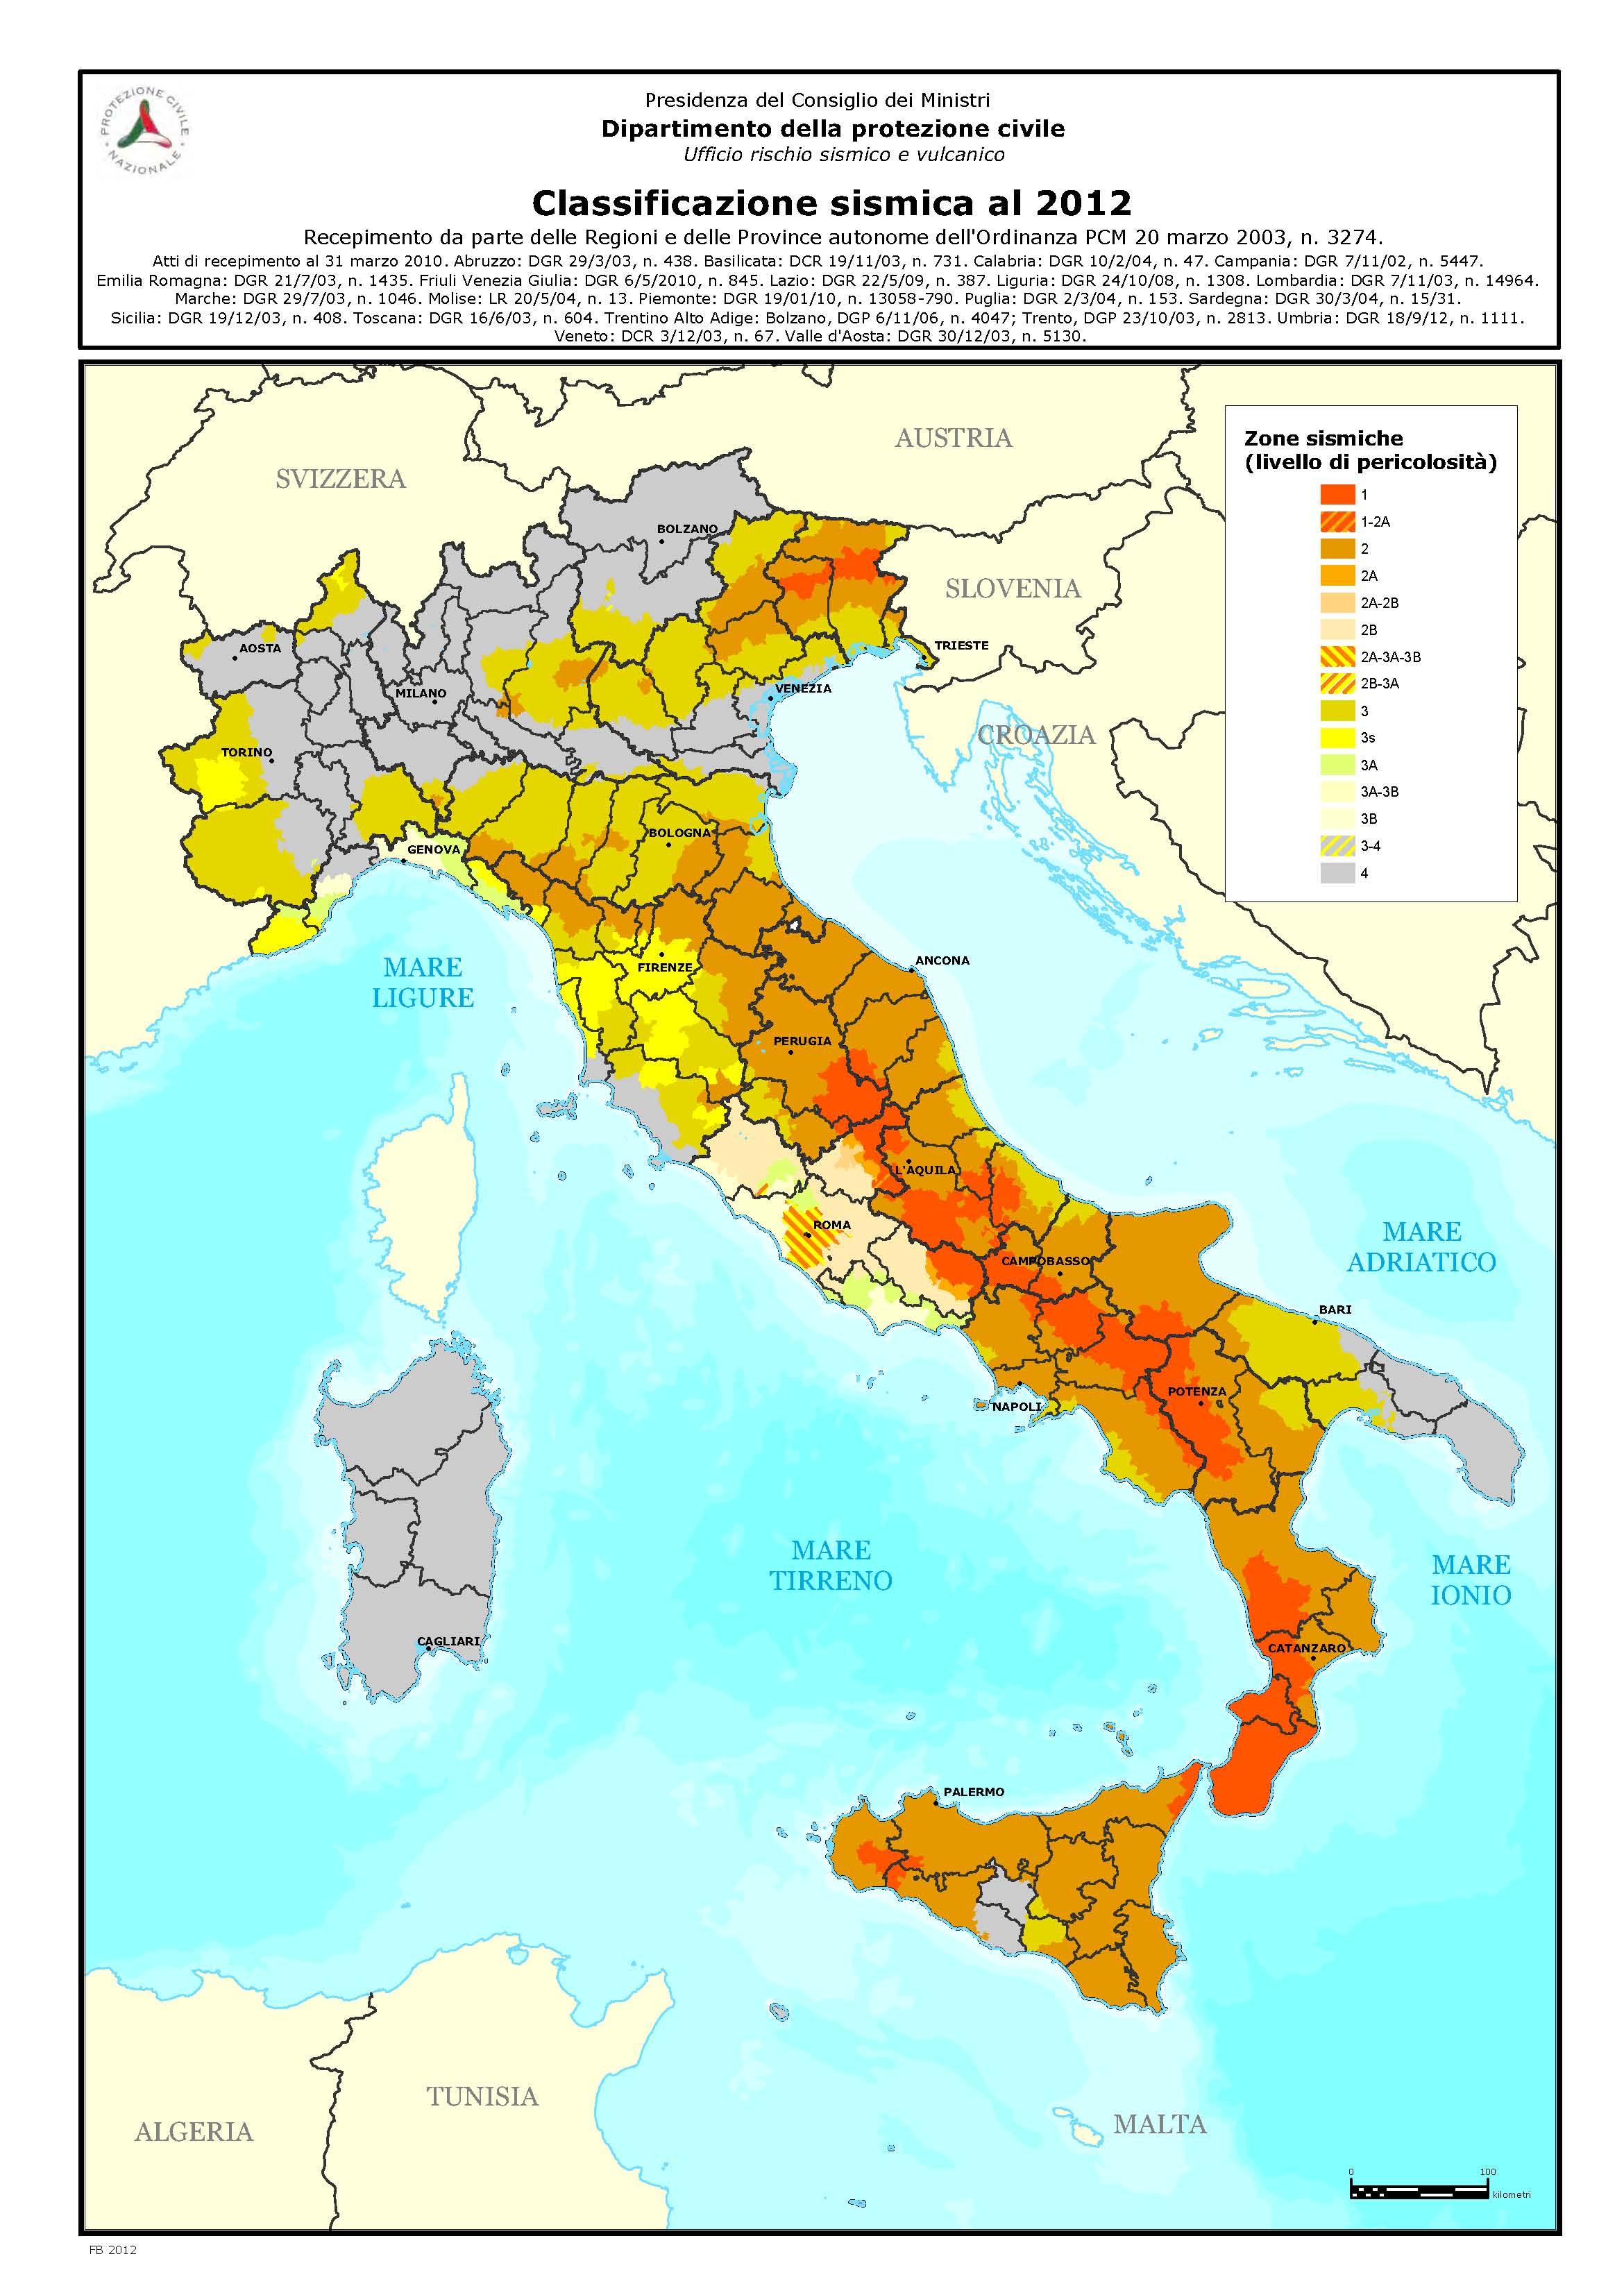 mappa_pericolosità_sismica